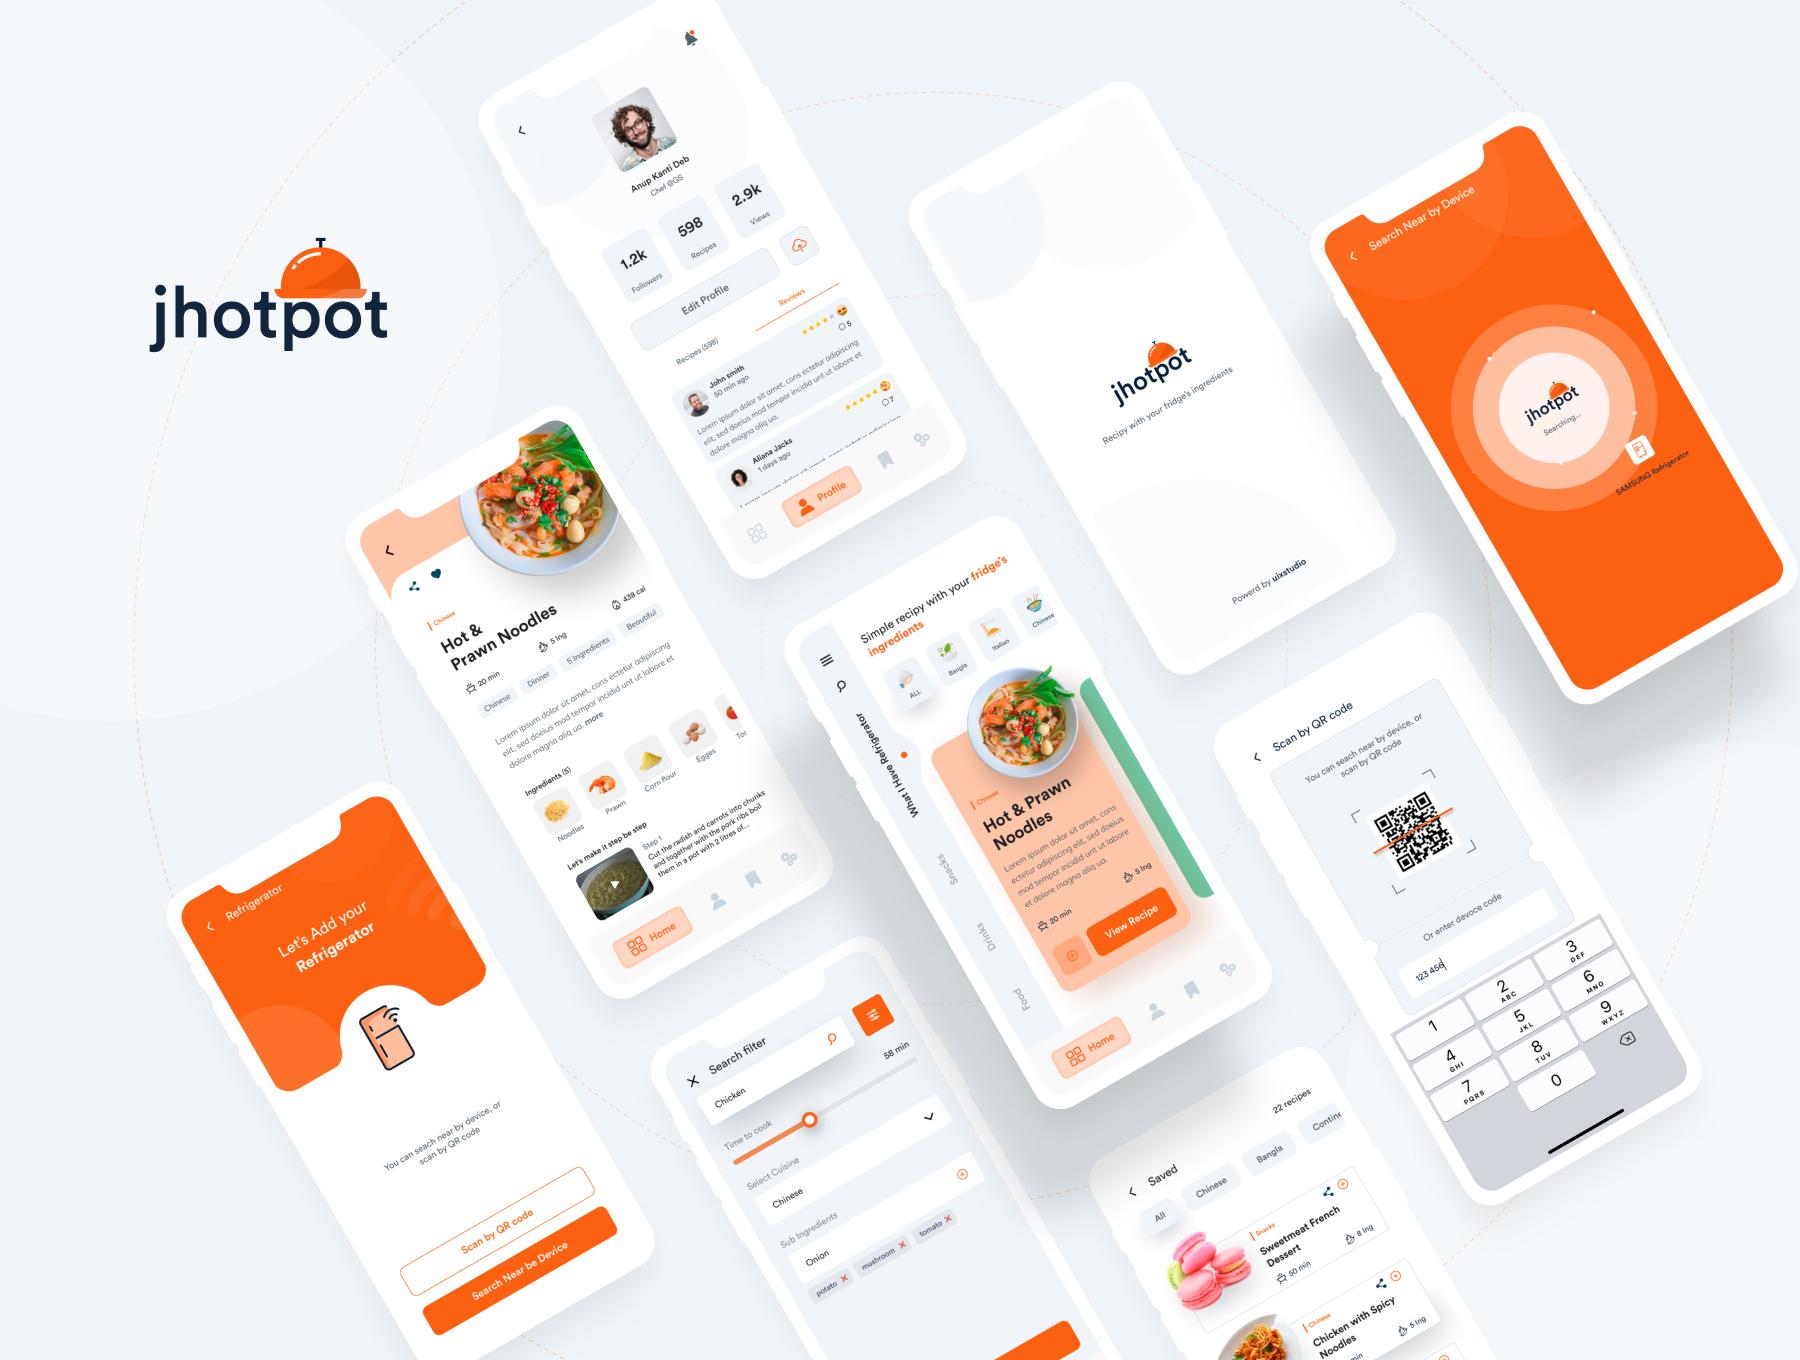 极简食谱美食APP应用程序设计UI套件 Jhotpot UI kit插图(3)